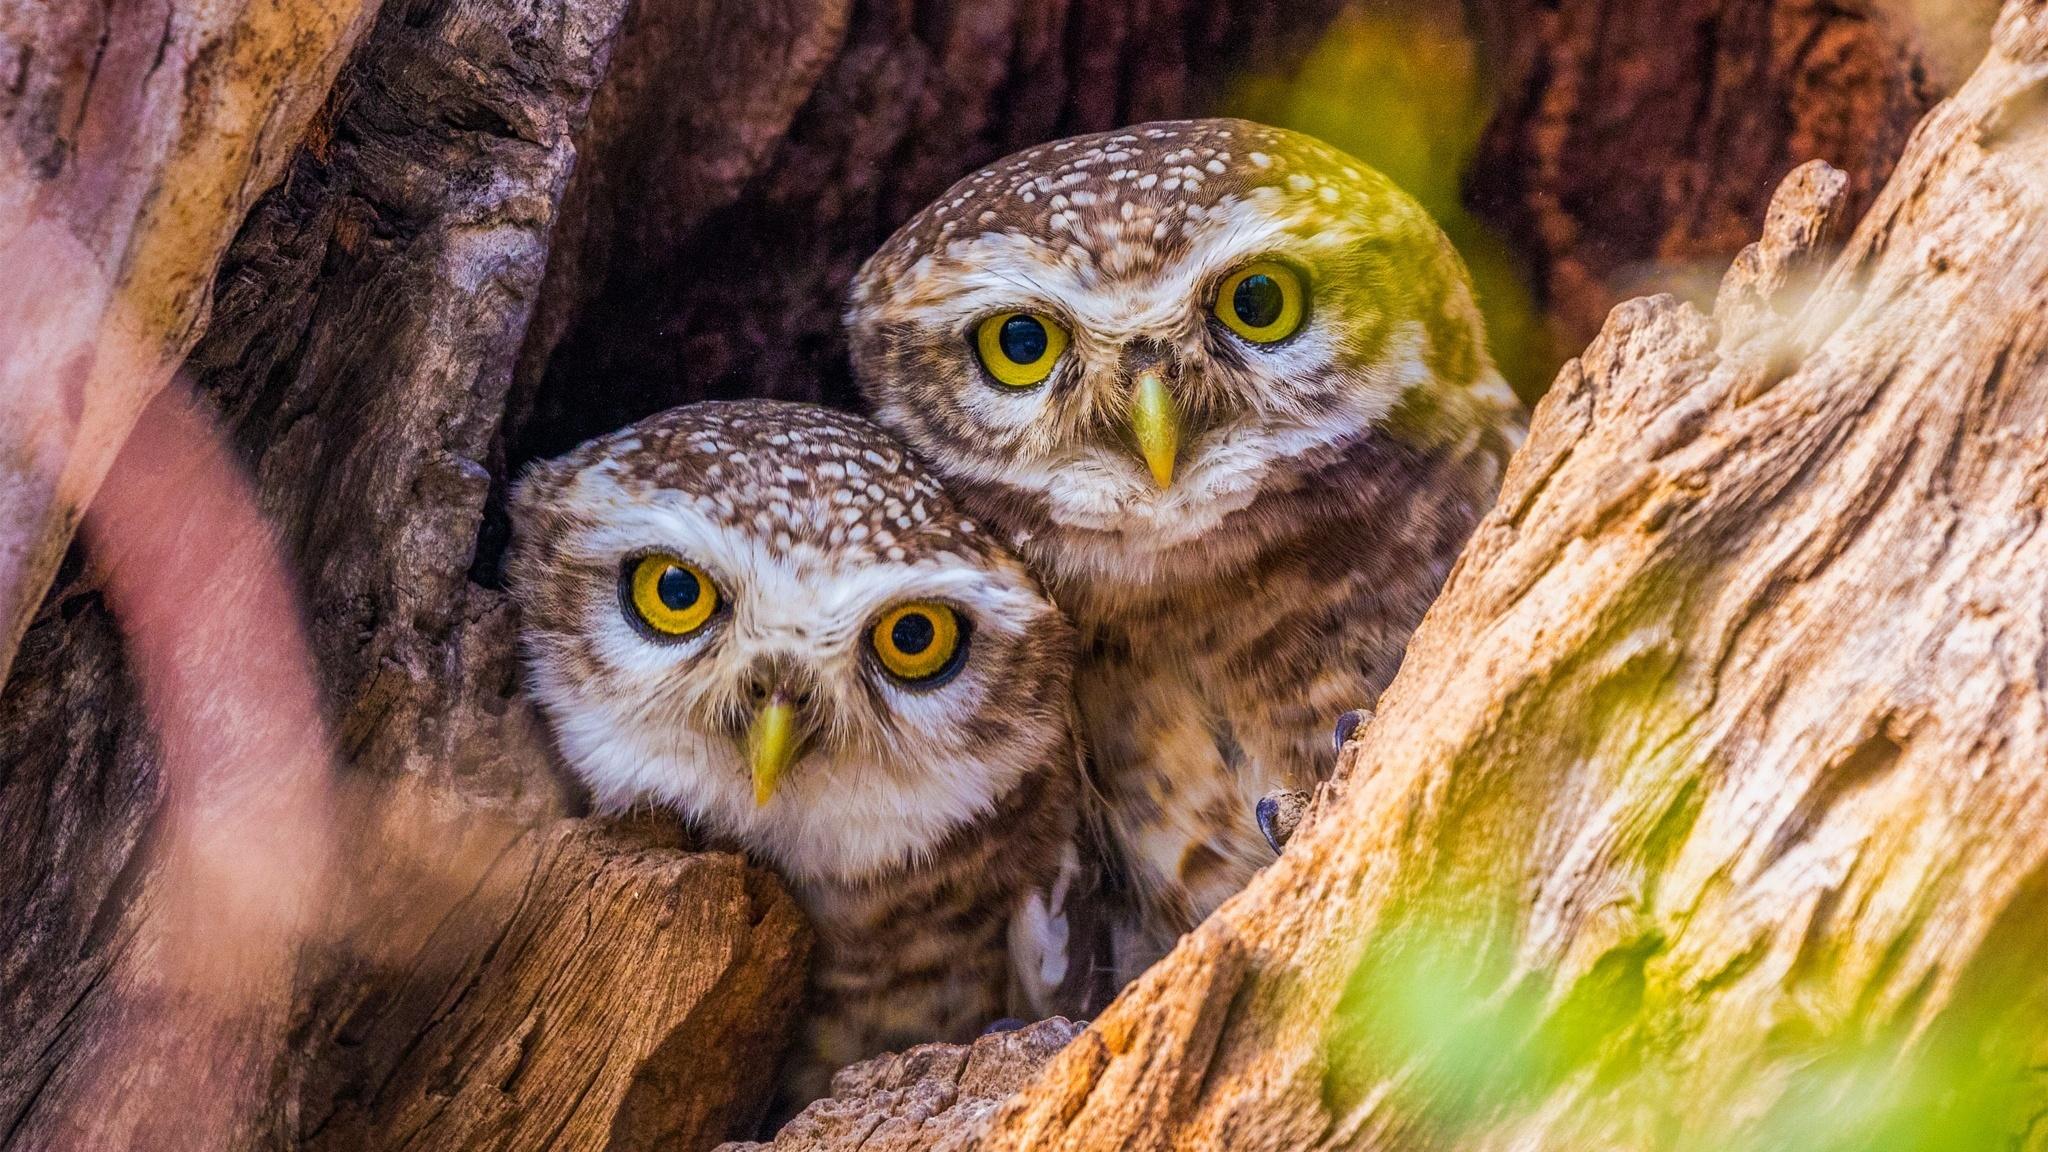 природа животные птицы сова совенок nature animals birds owl owlet загрузить